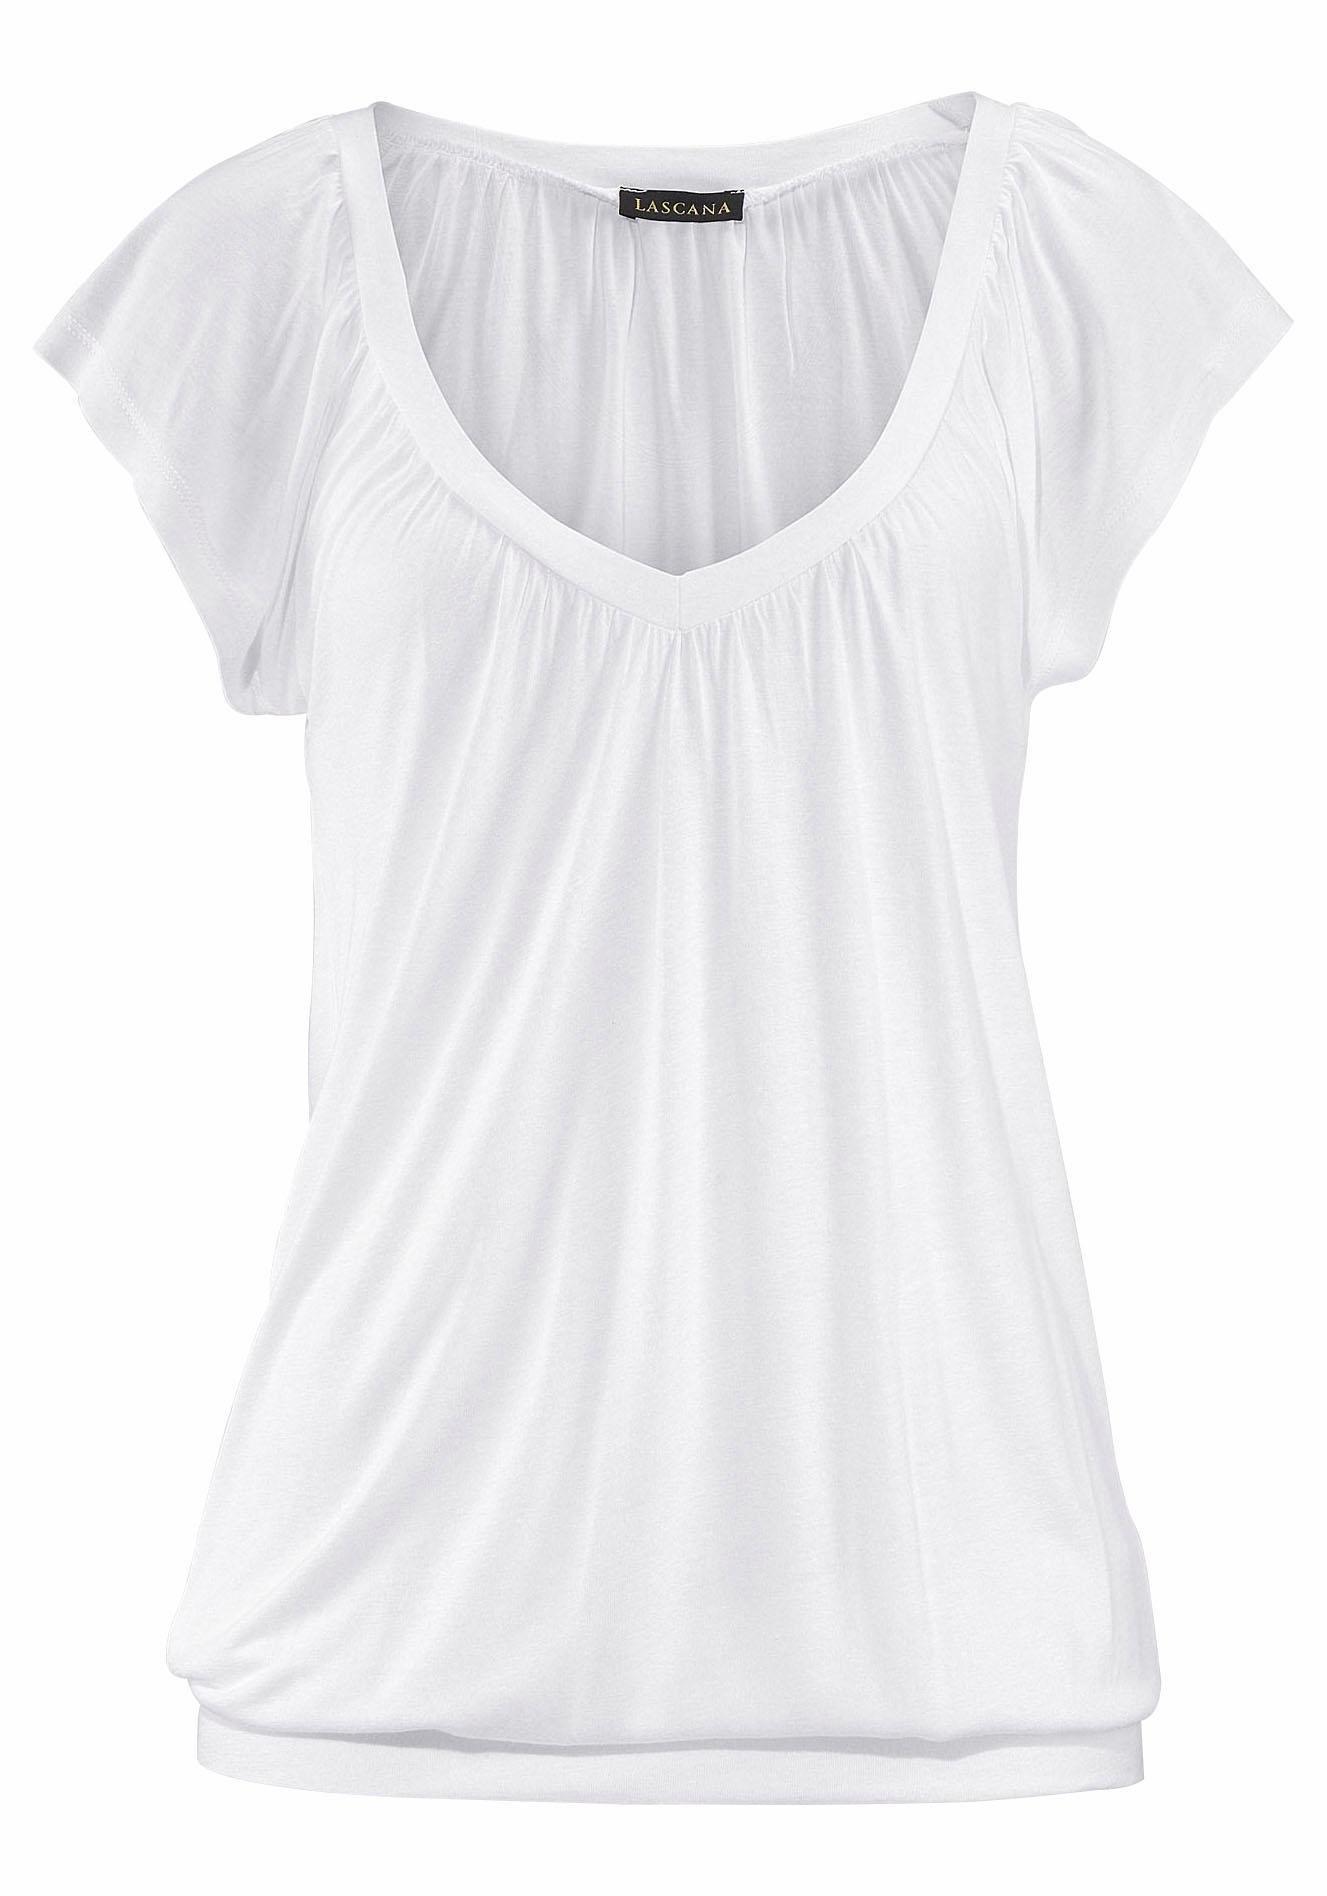 LASCANA shirt nu online bestellen